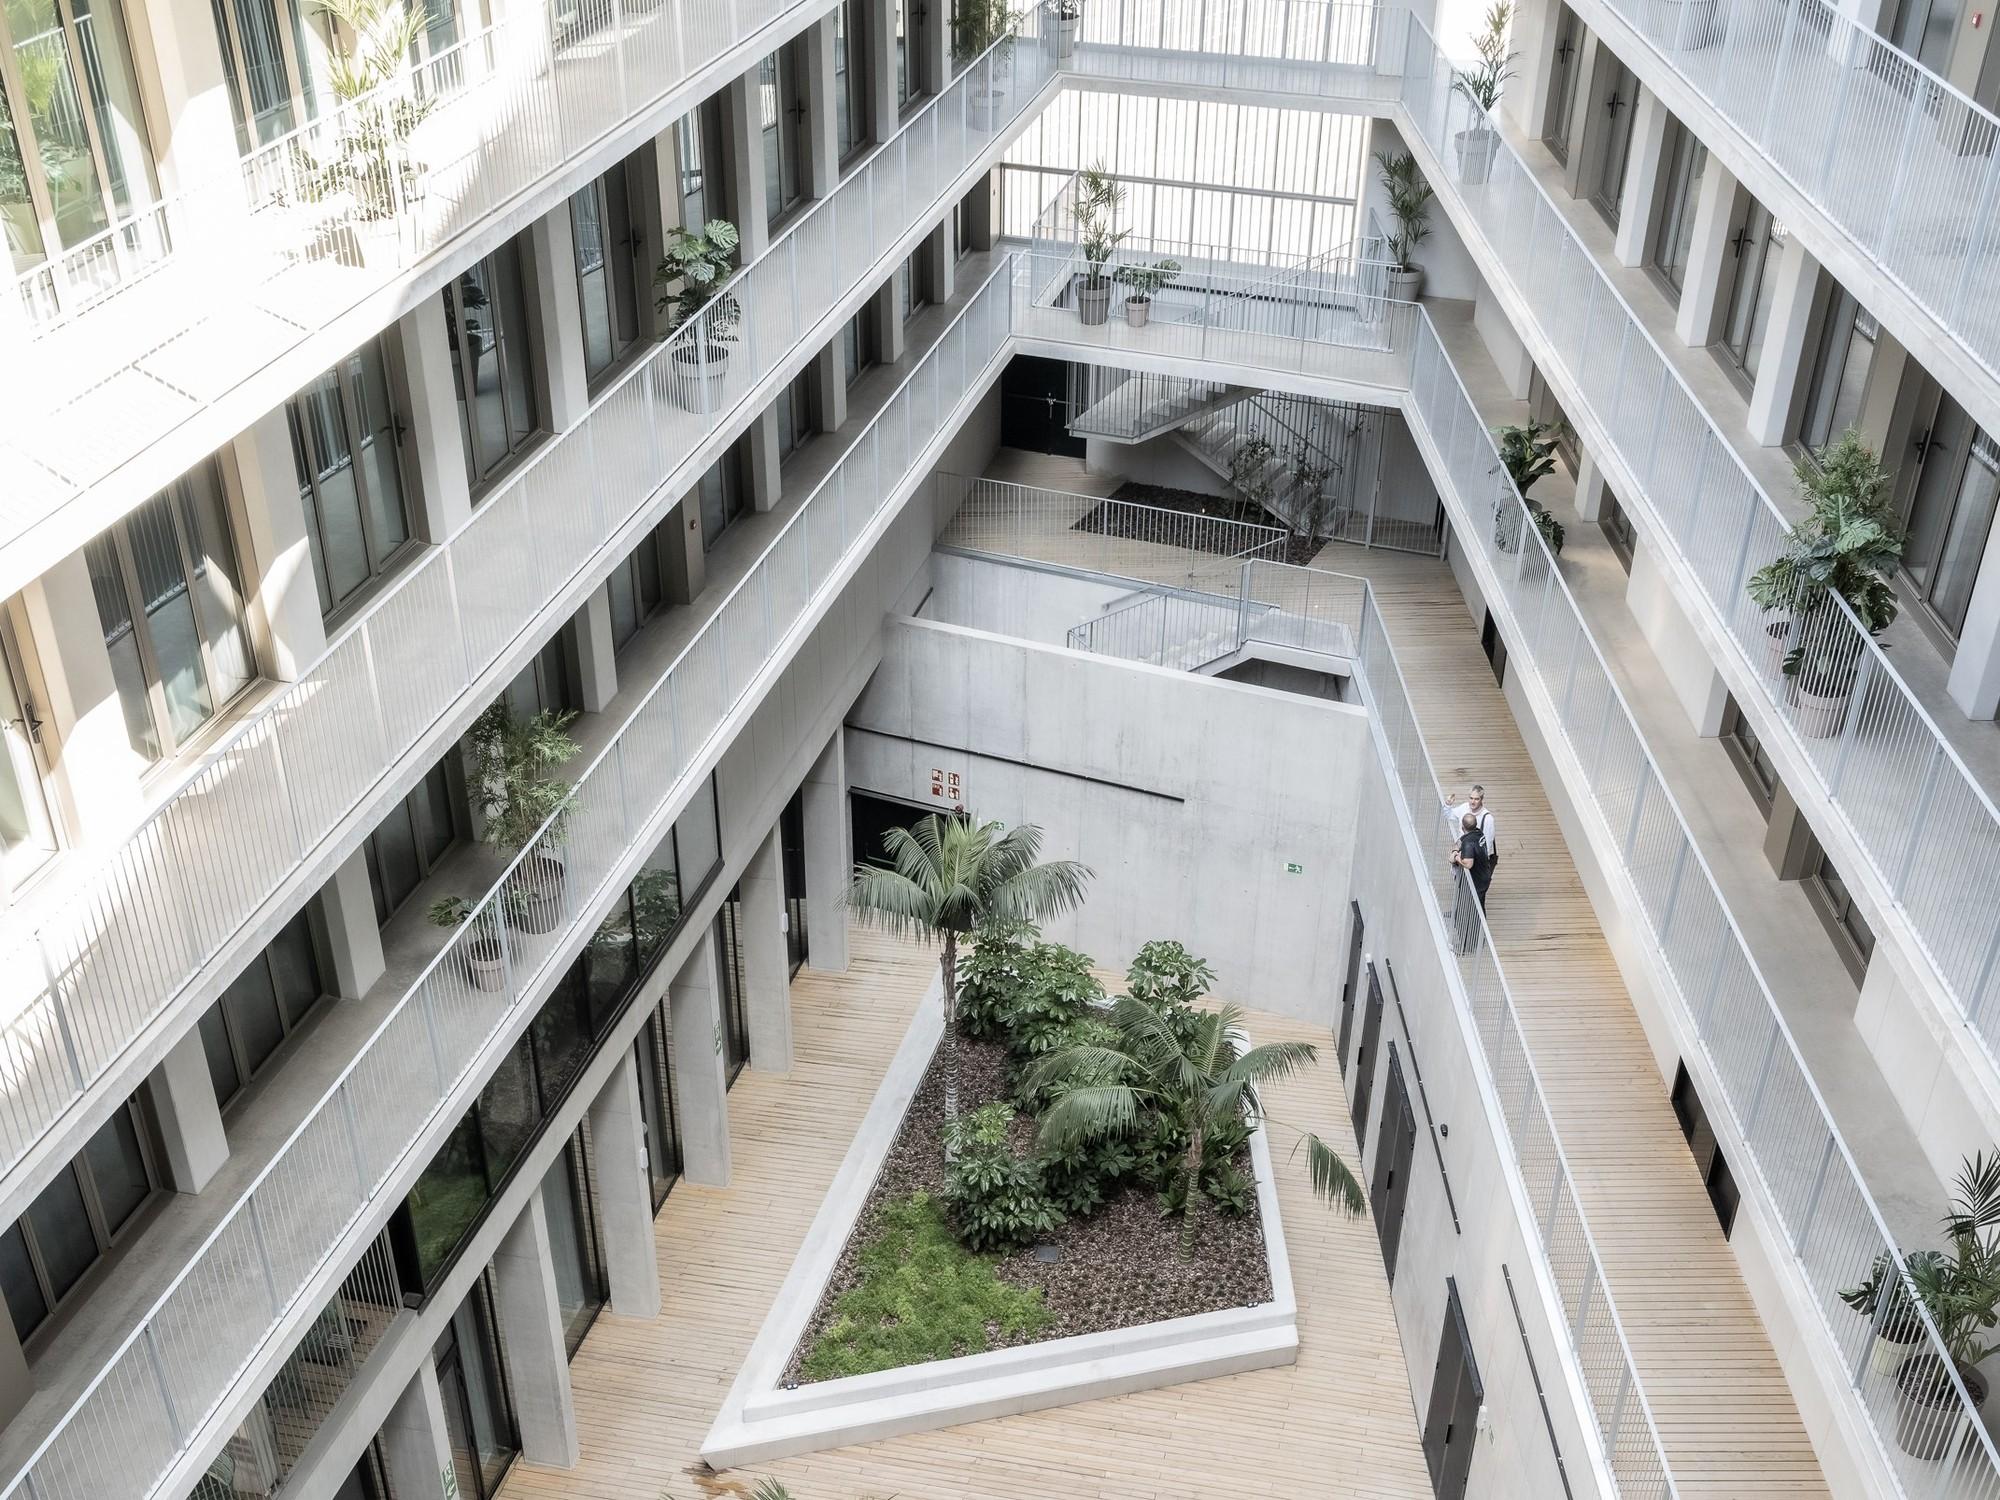 Residencia de estudiantes Diagonal Besòs / MDBA